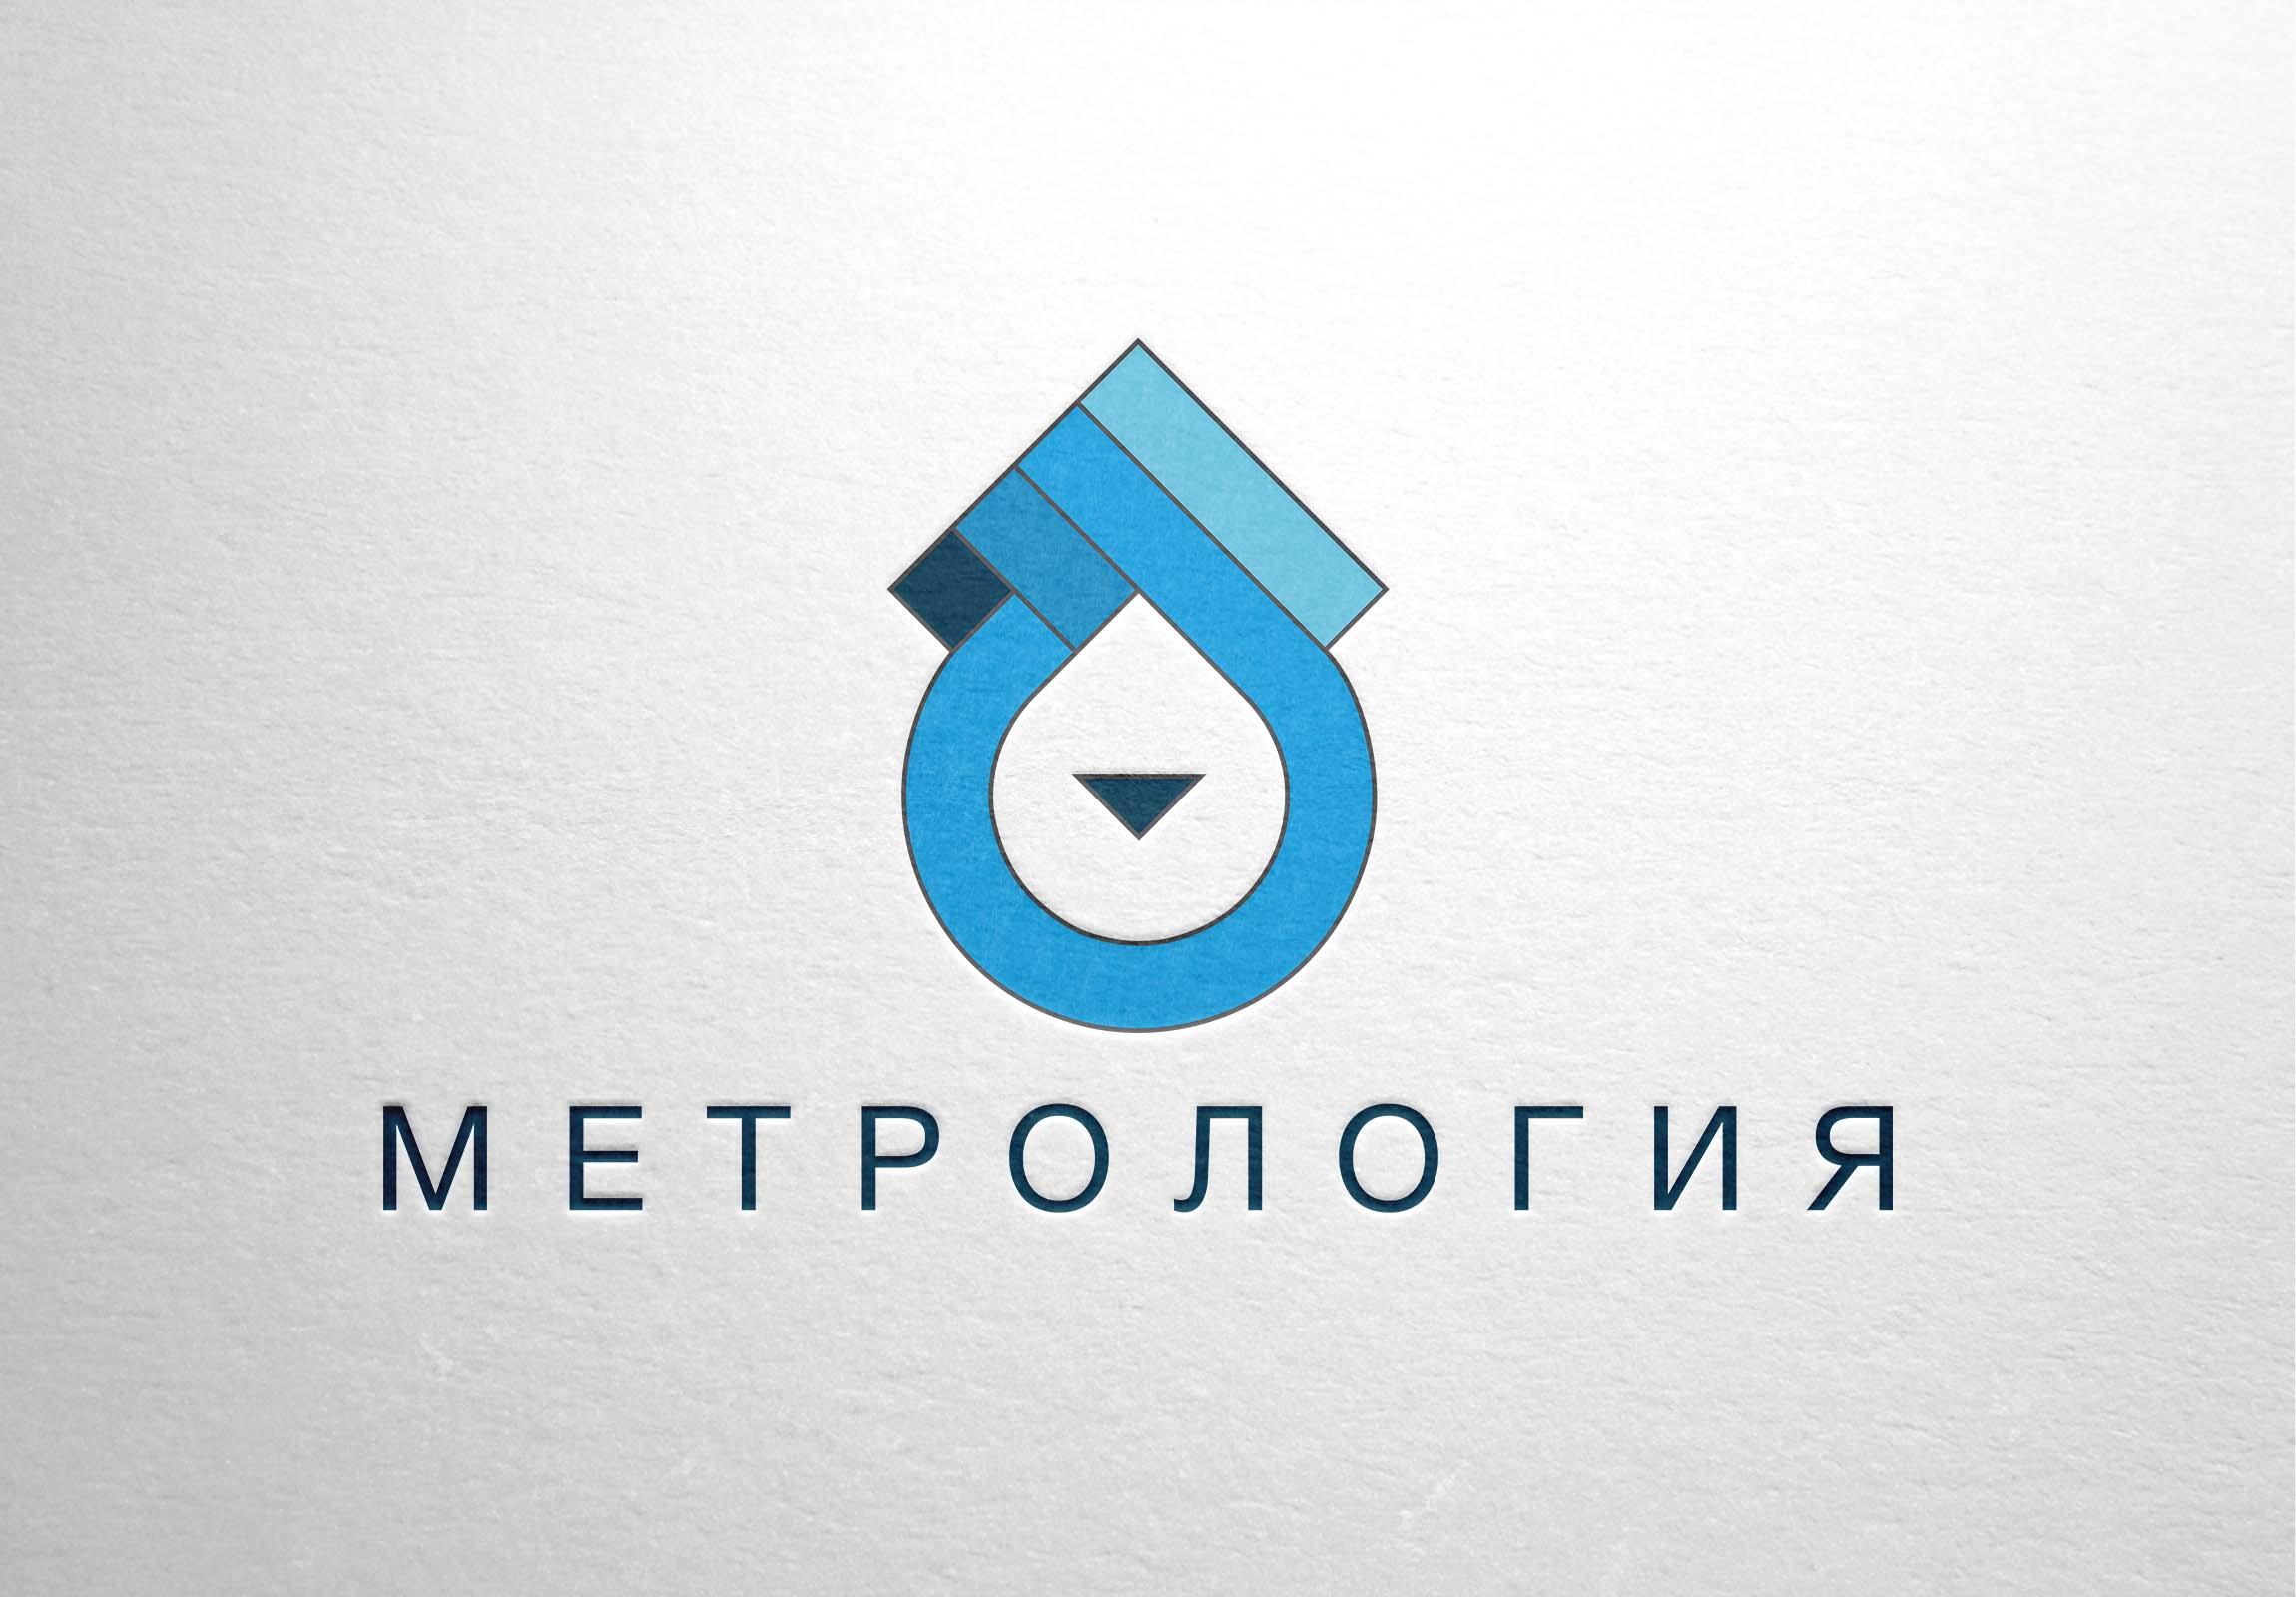 Разработать логотип, визитку, фирменный бланк. фото f_08358f8c7ebe430c.jpg